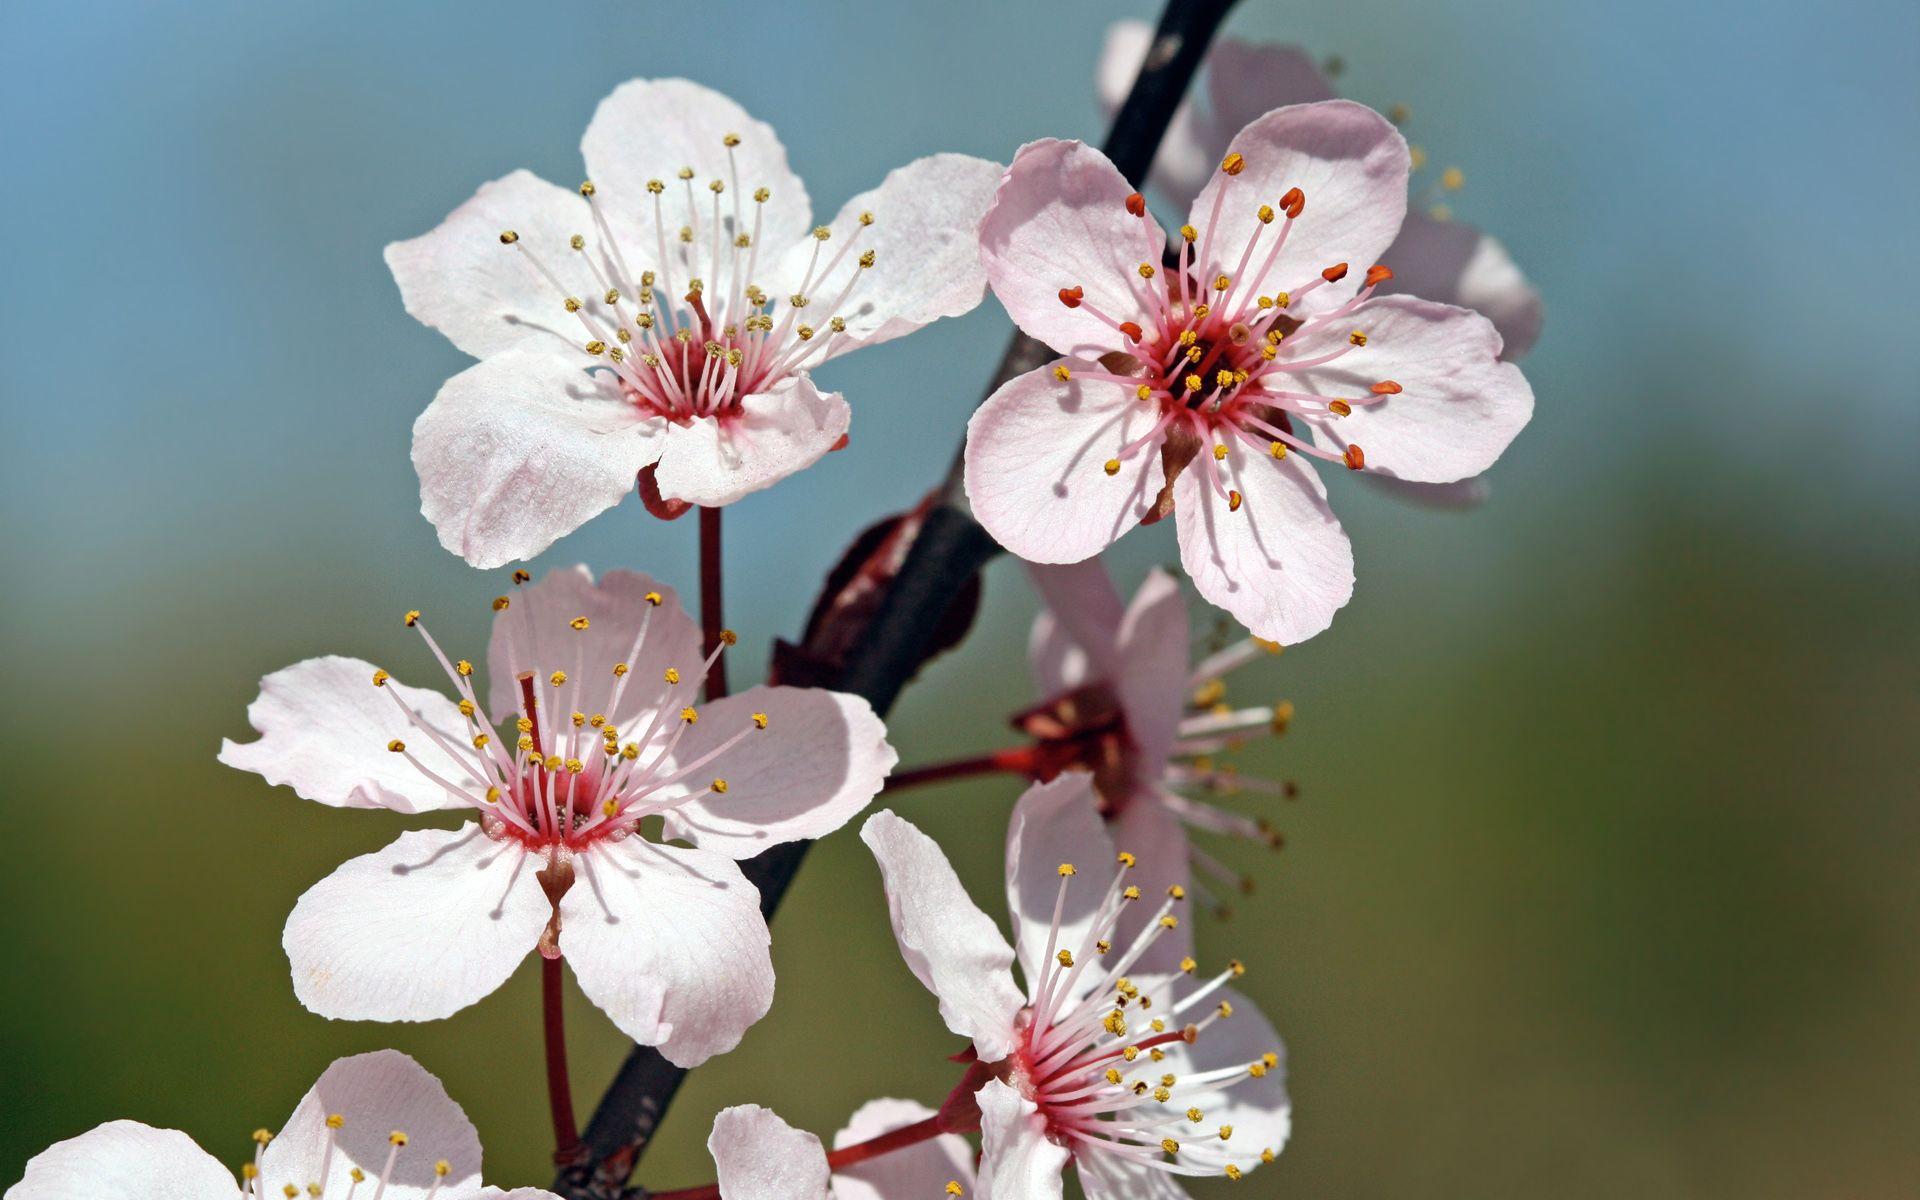 Cherry Blossom Img 2502 V2 Desktop Jpg Jpeg Image 1920 1200 Pixels Scaled Cherry Blossom Wallpaper Cherry Blossom Pictures Types Of Cherries